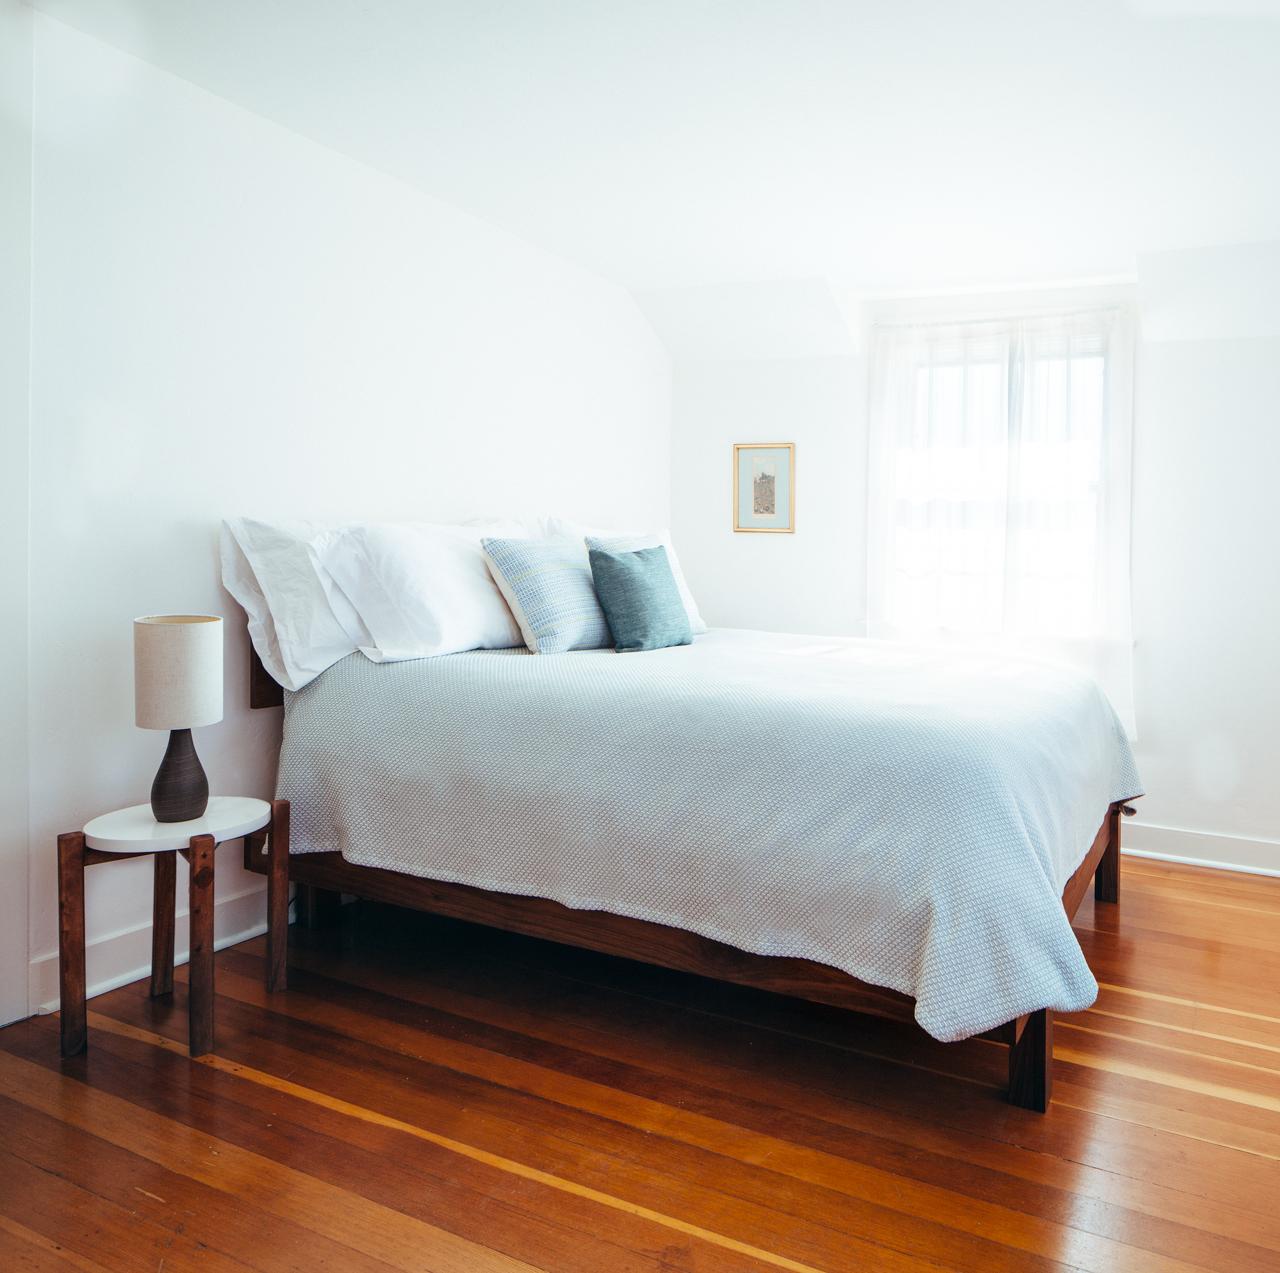 1307_West_Cliff_Storey_bedroom.jpg